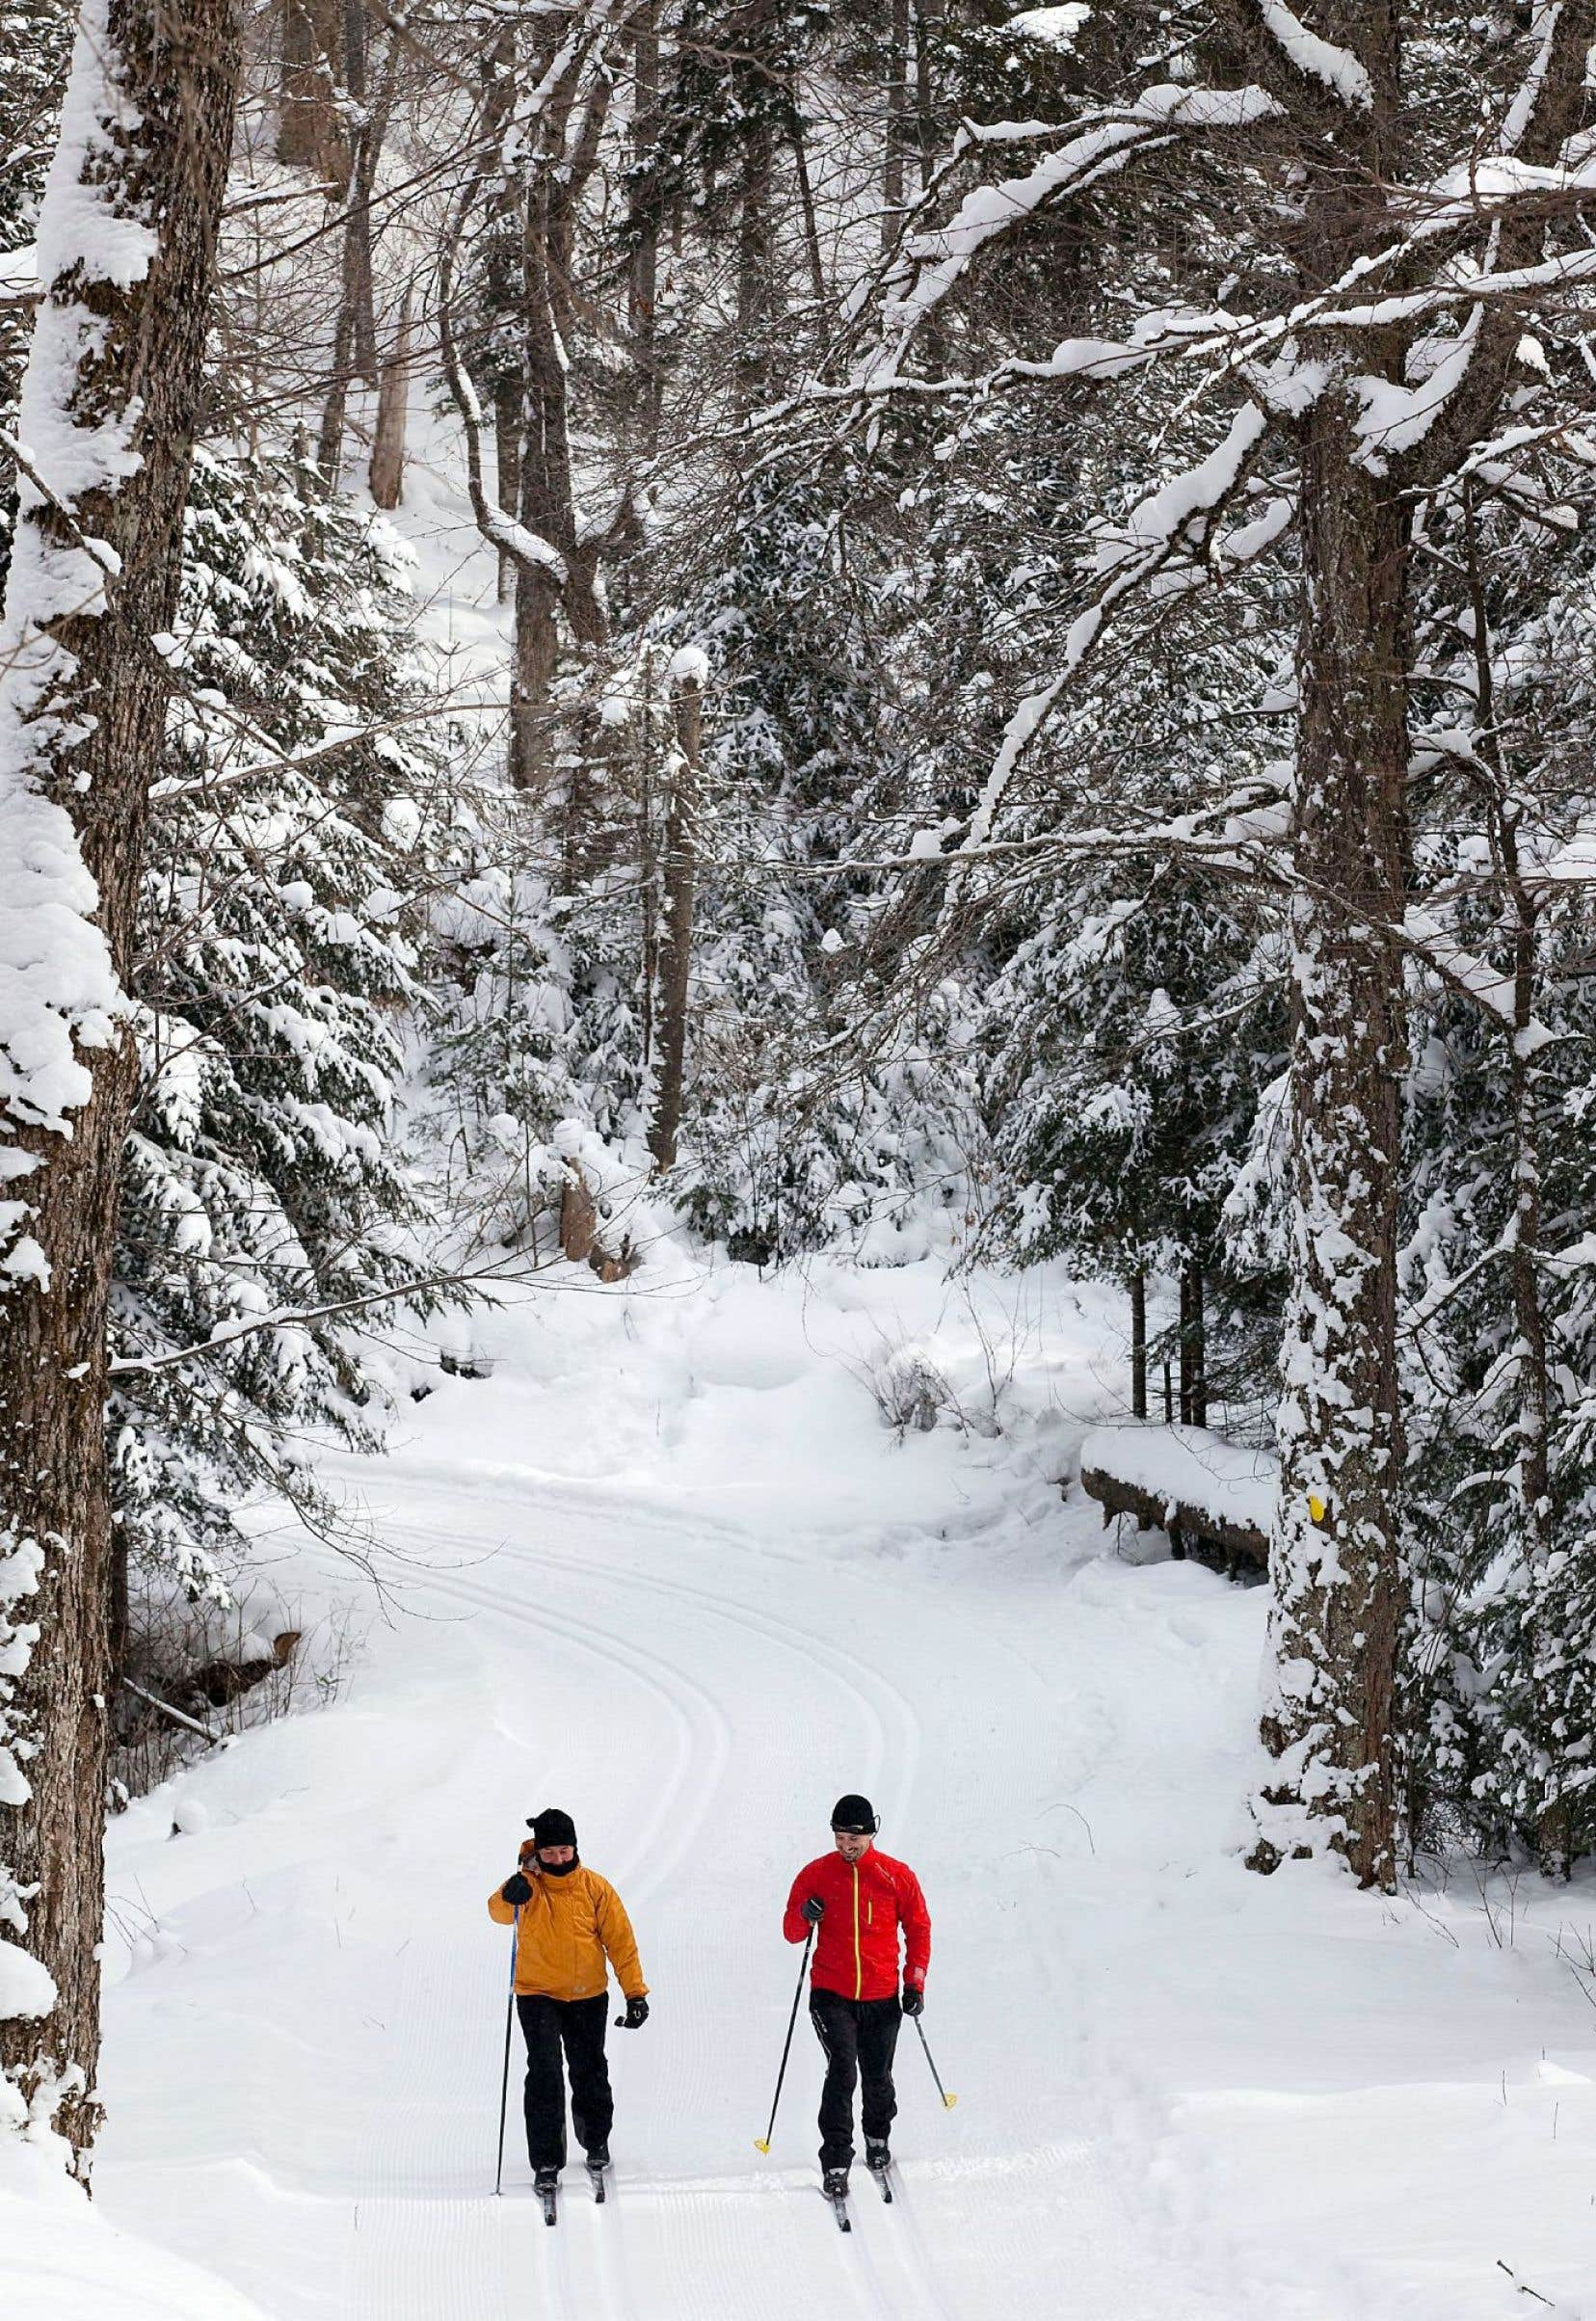 Le parc du Mont-Tremblant permet aux férus de sports d'hiver de mixer ski de fond et ski alpin.